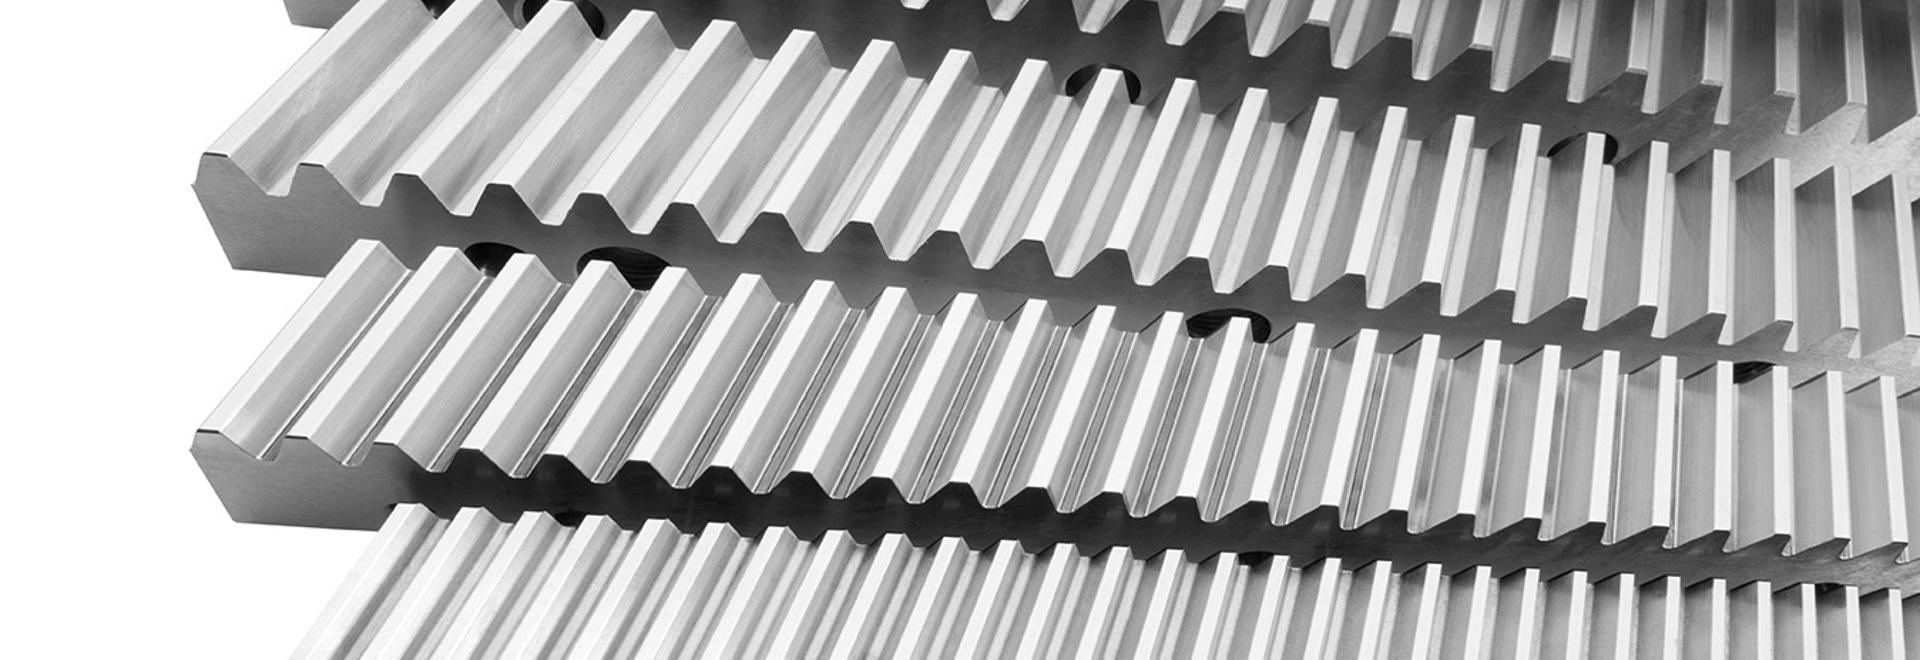 SCHNEEBERGER gear racks